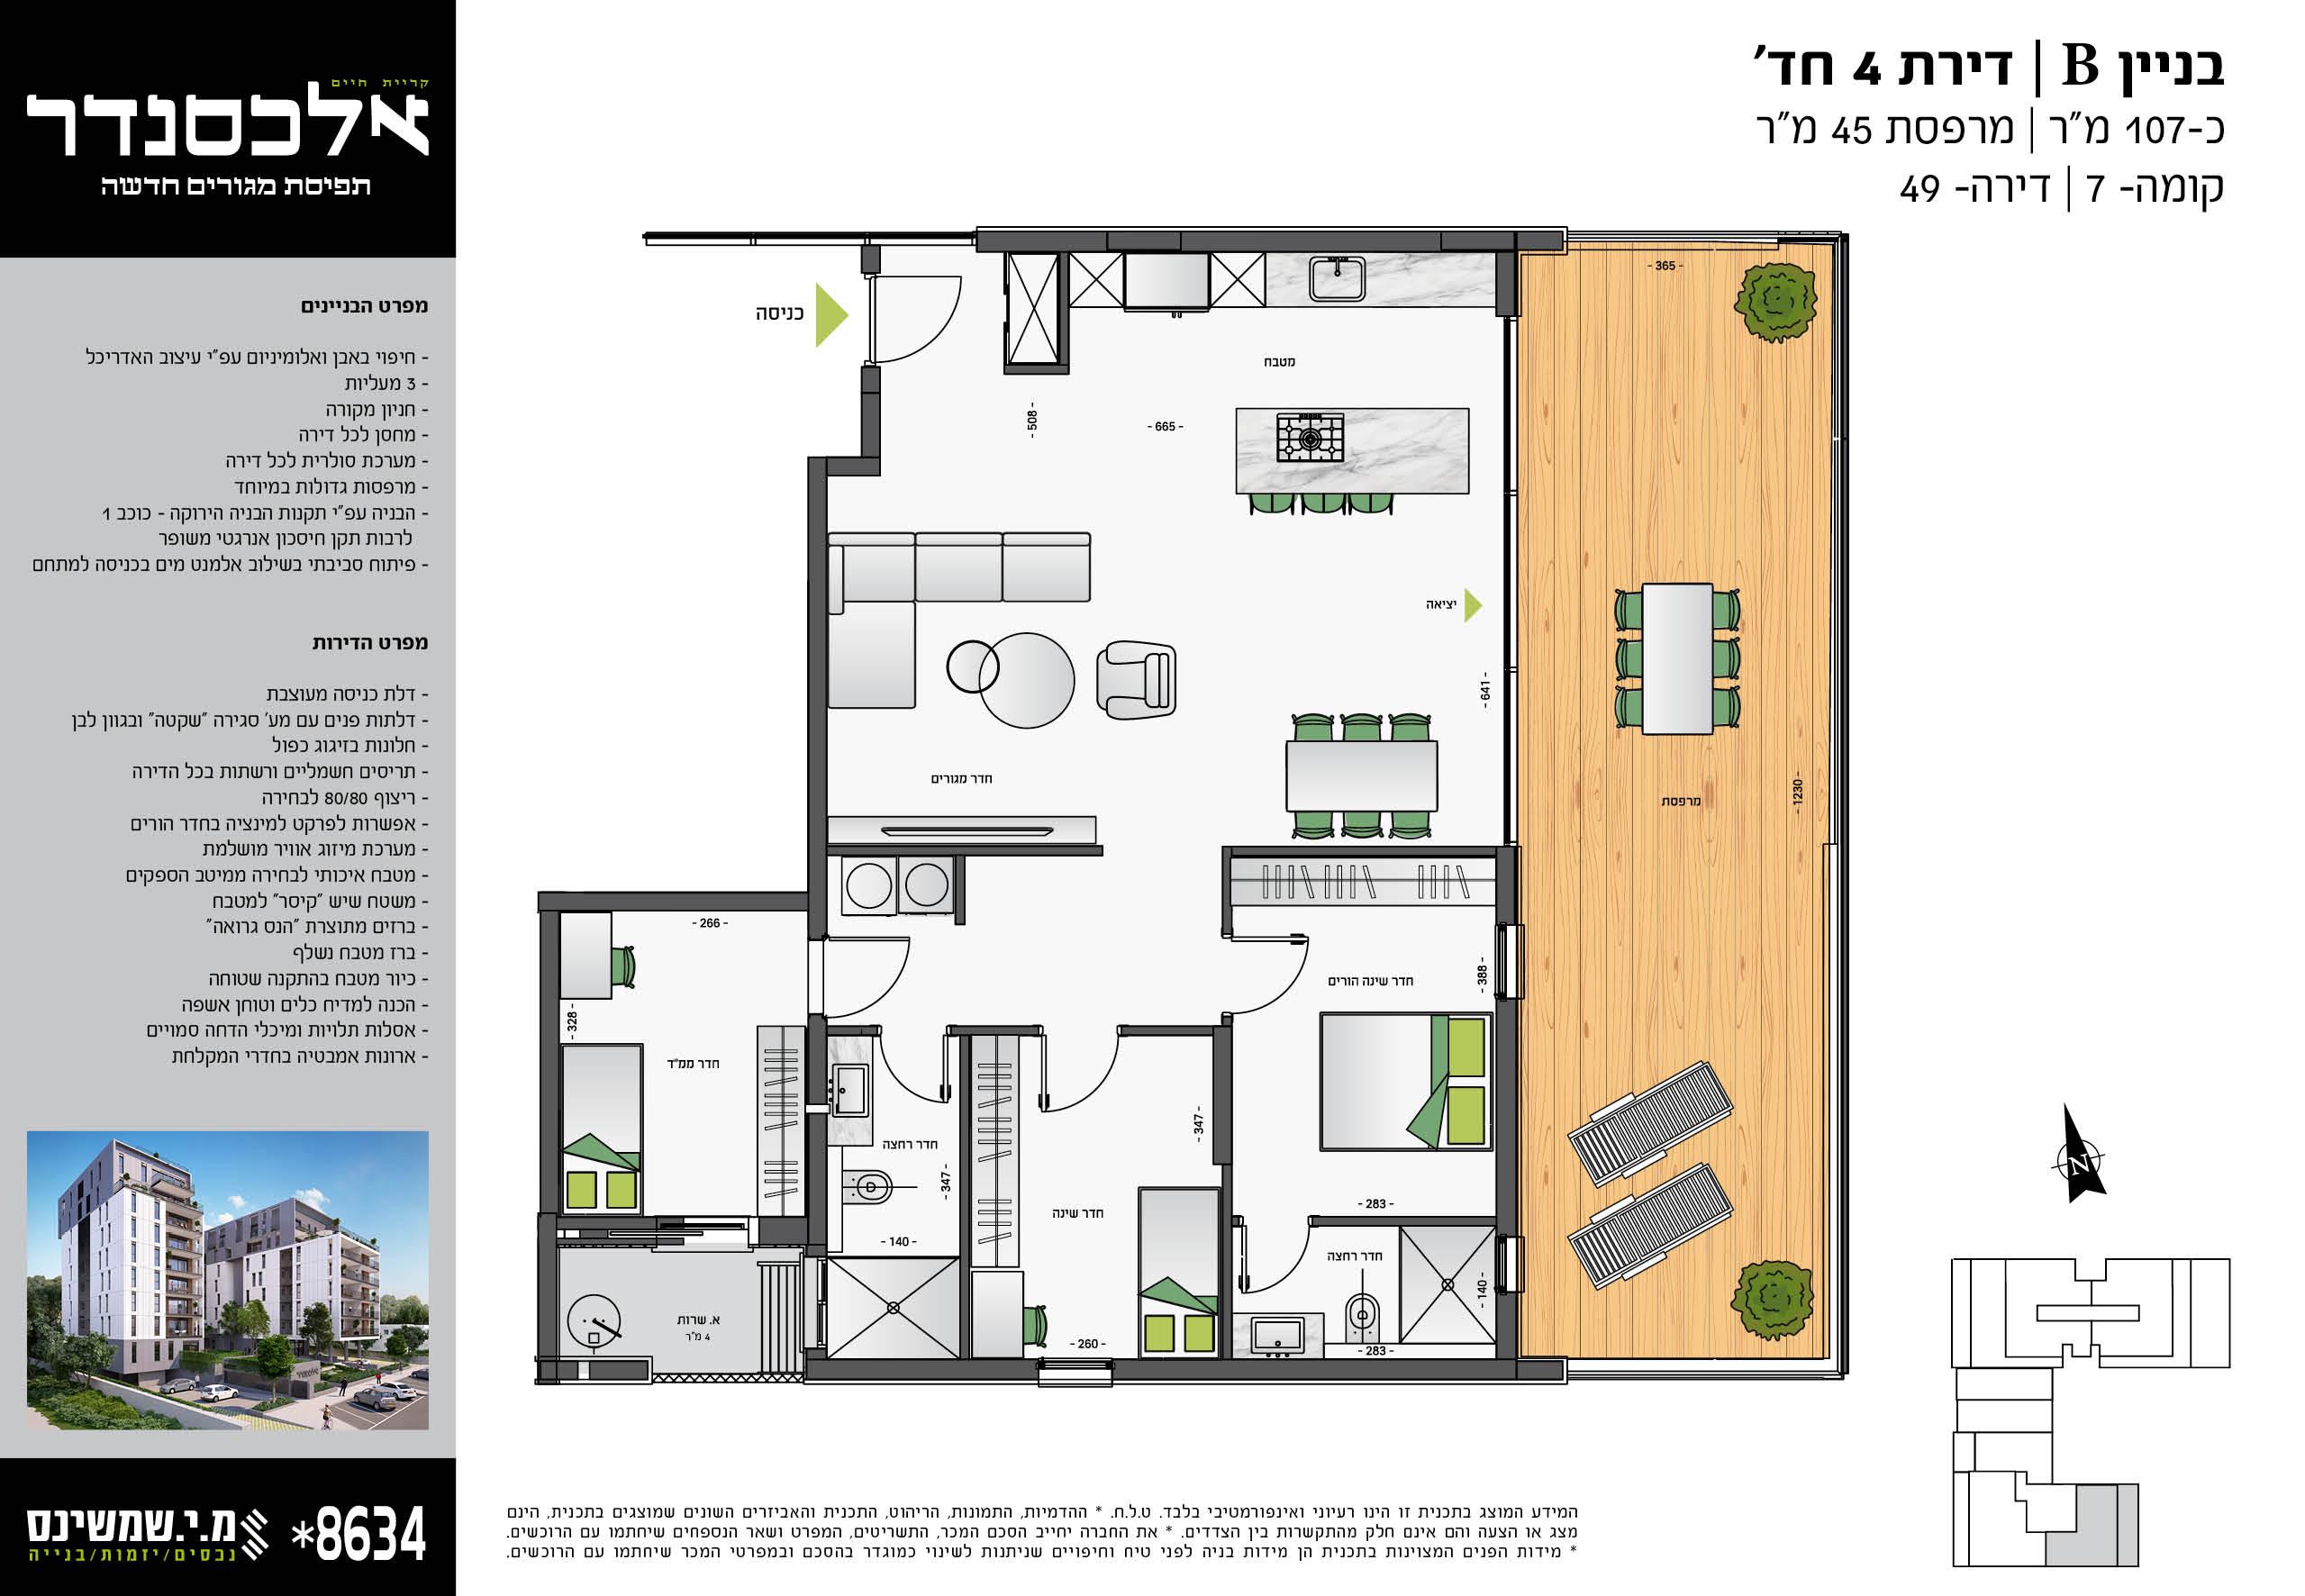 דירה 49